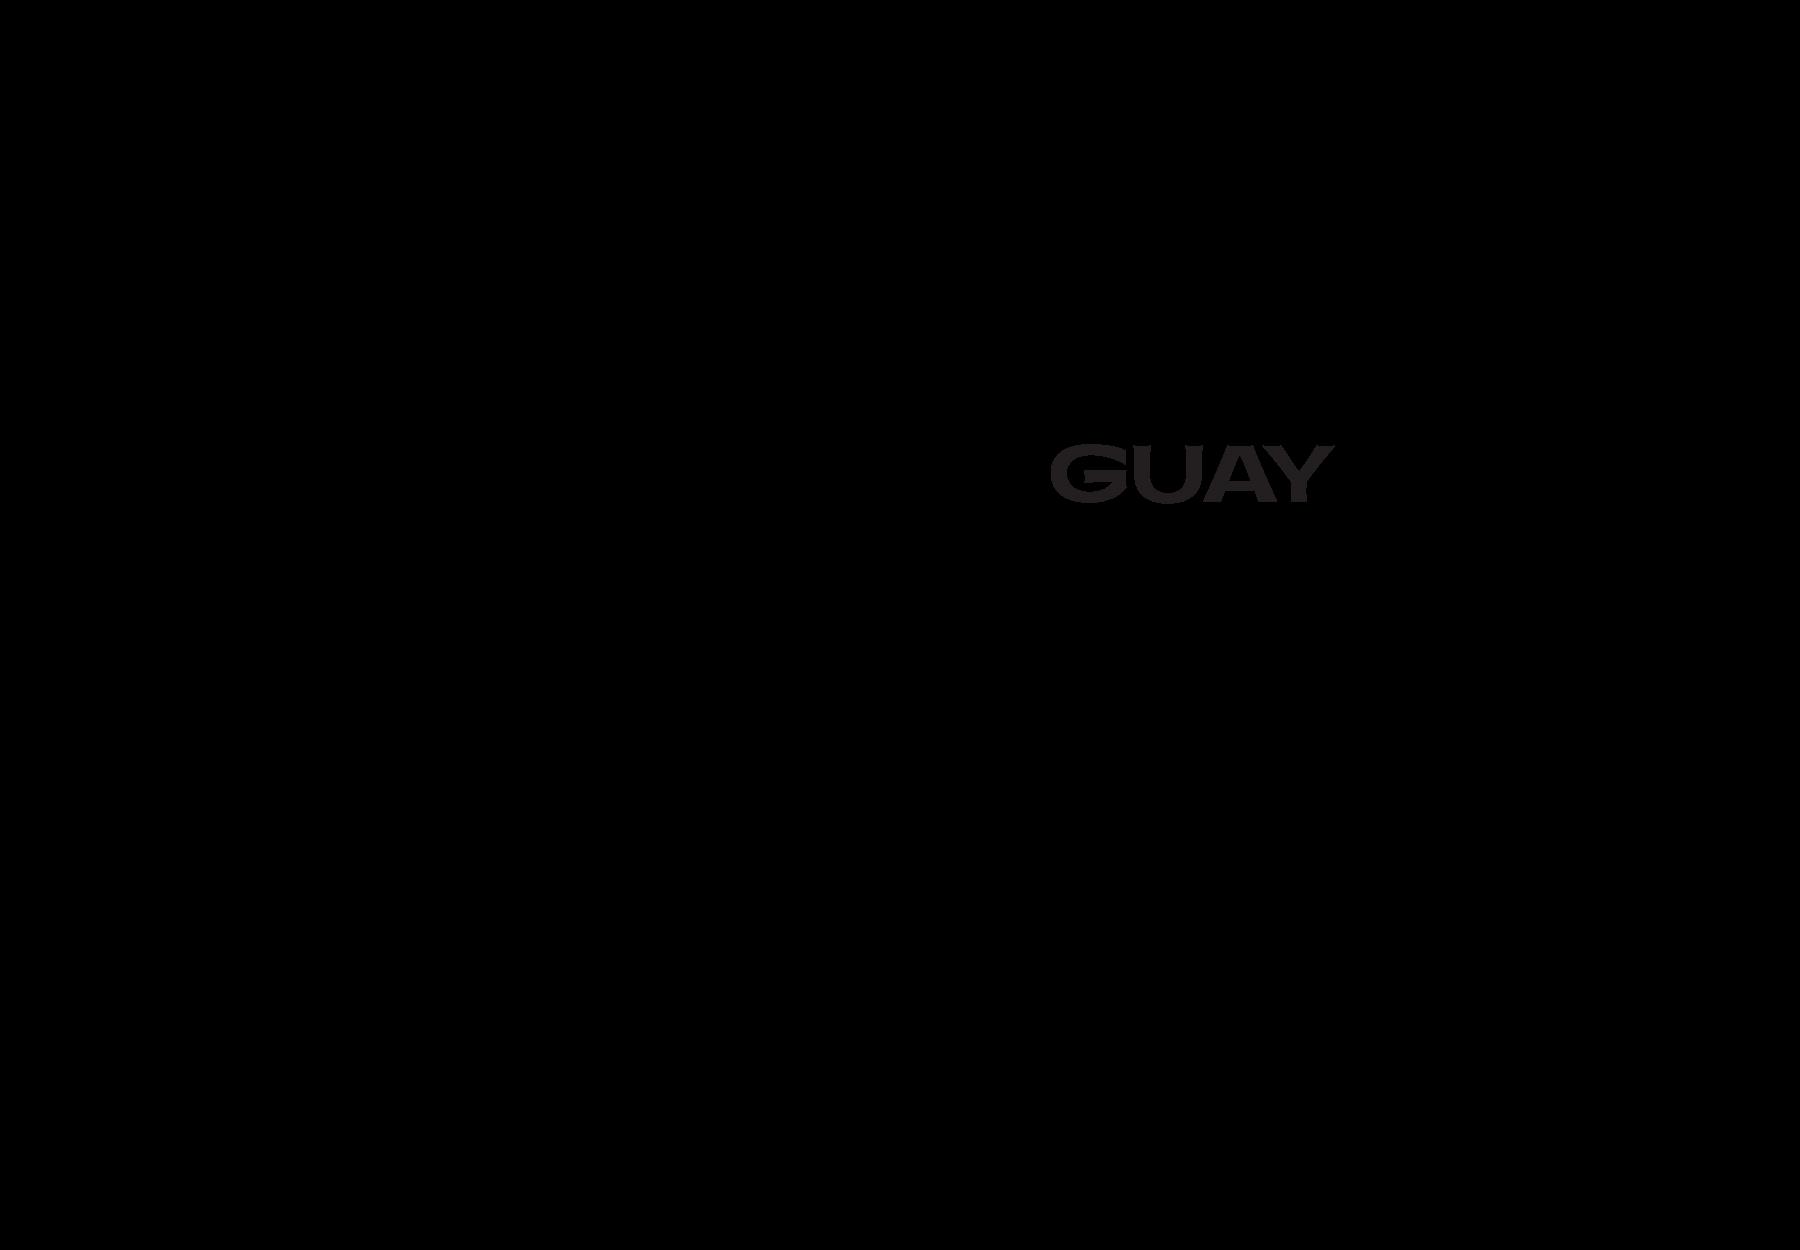 Kombucha logo design - DryStudio